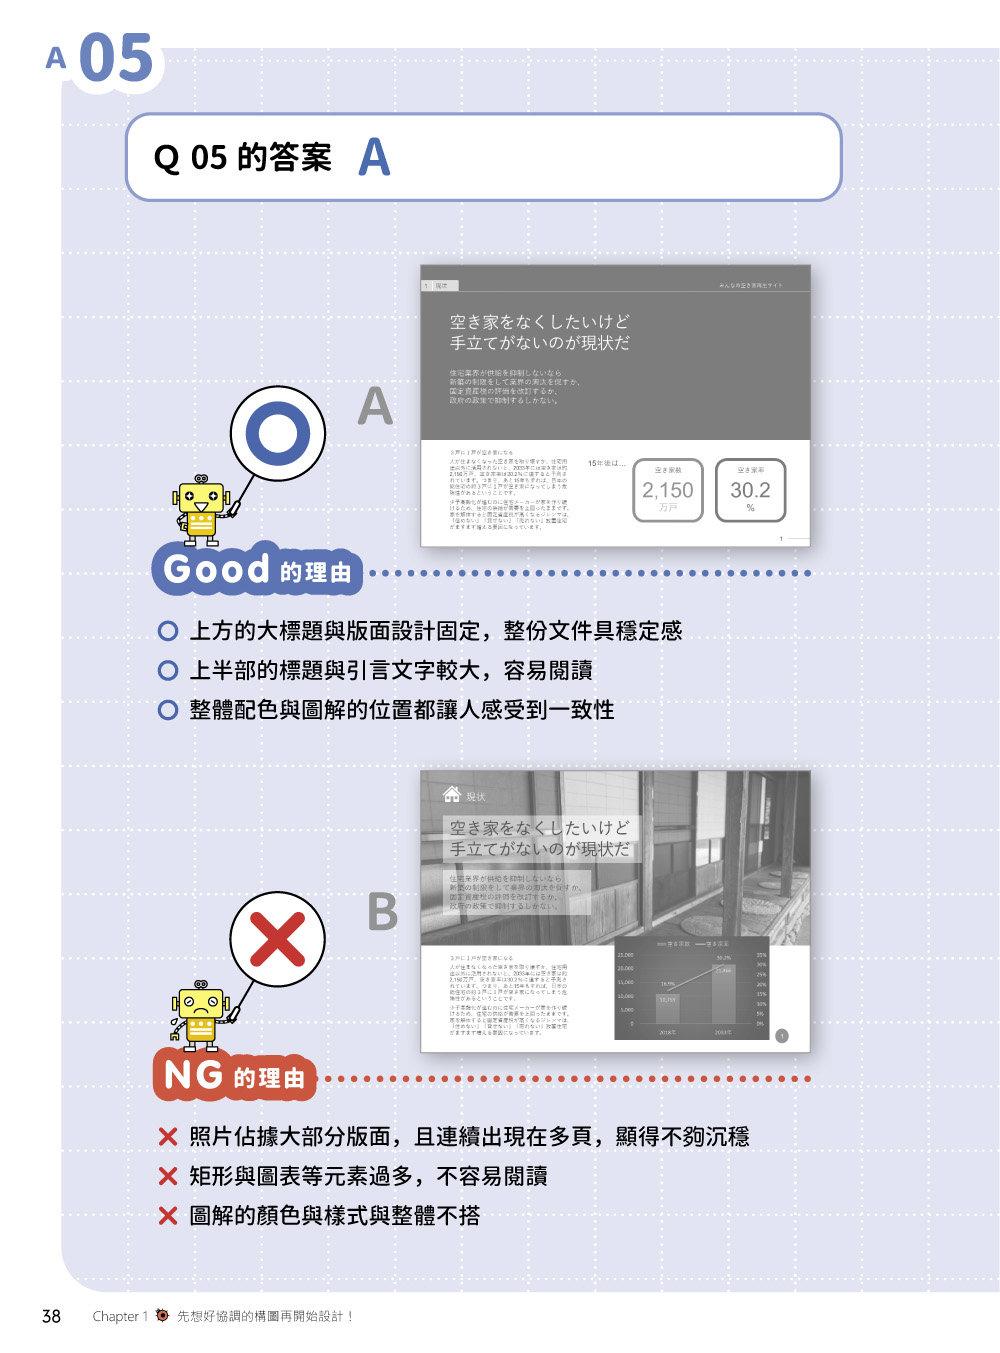 這樣你看得懂嗎?讓你秒懂的資訊設計 O 與 X: 平面設計、商業簡報、社群小編都要會的資訊傳達術-preview-2